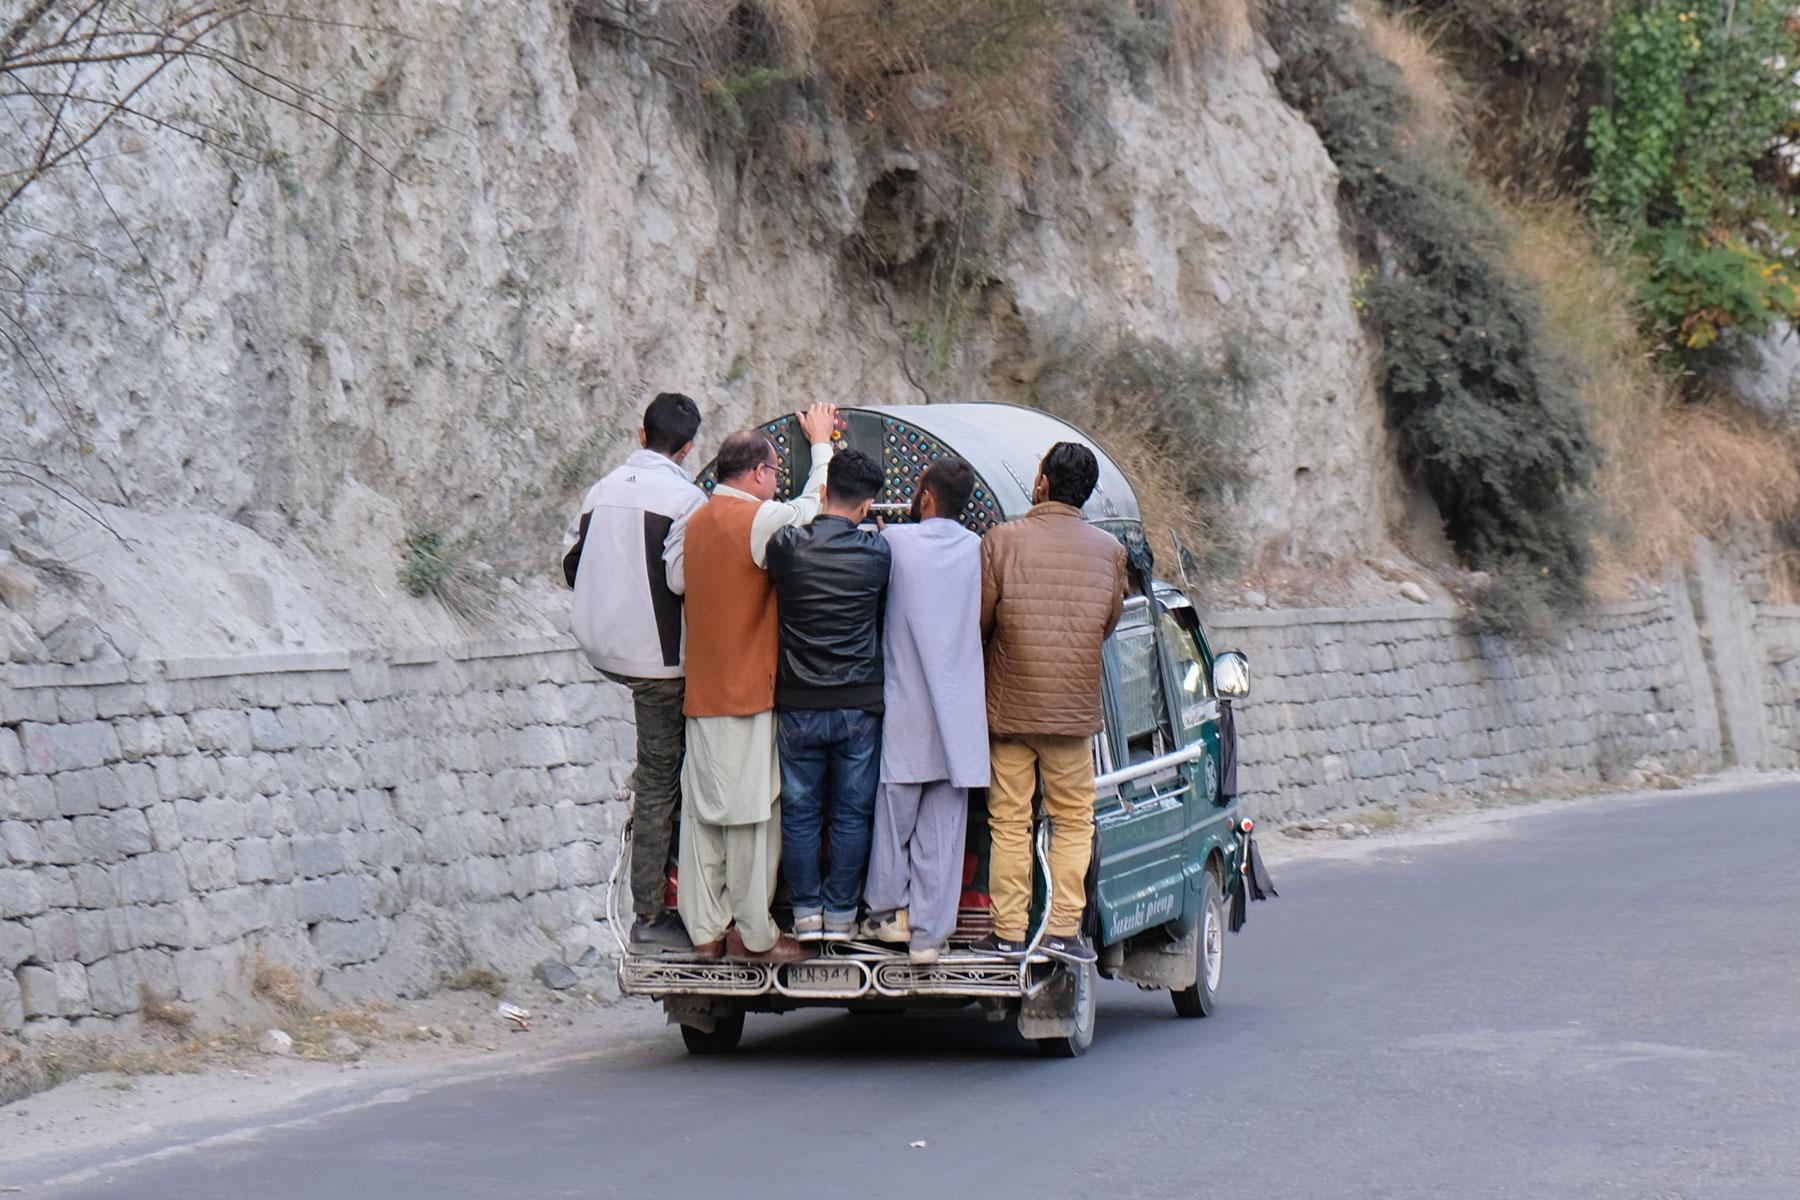 Männer stehen auf der Stoßstange eines Kleintransporters.